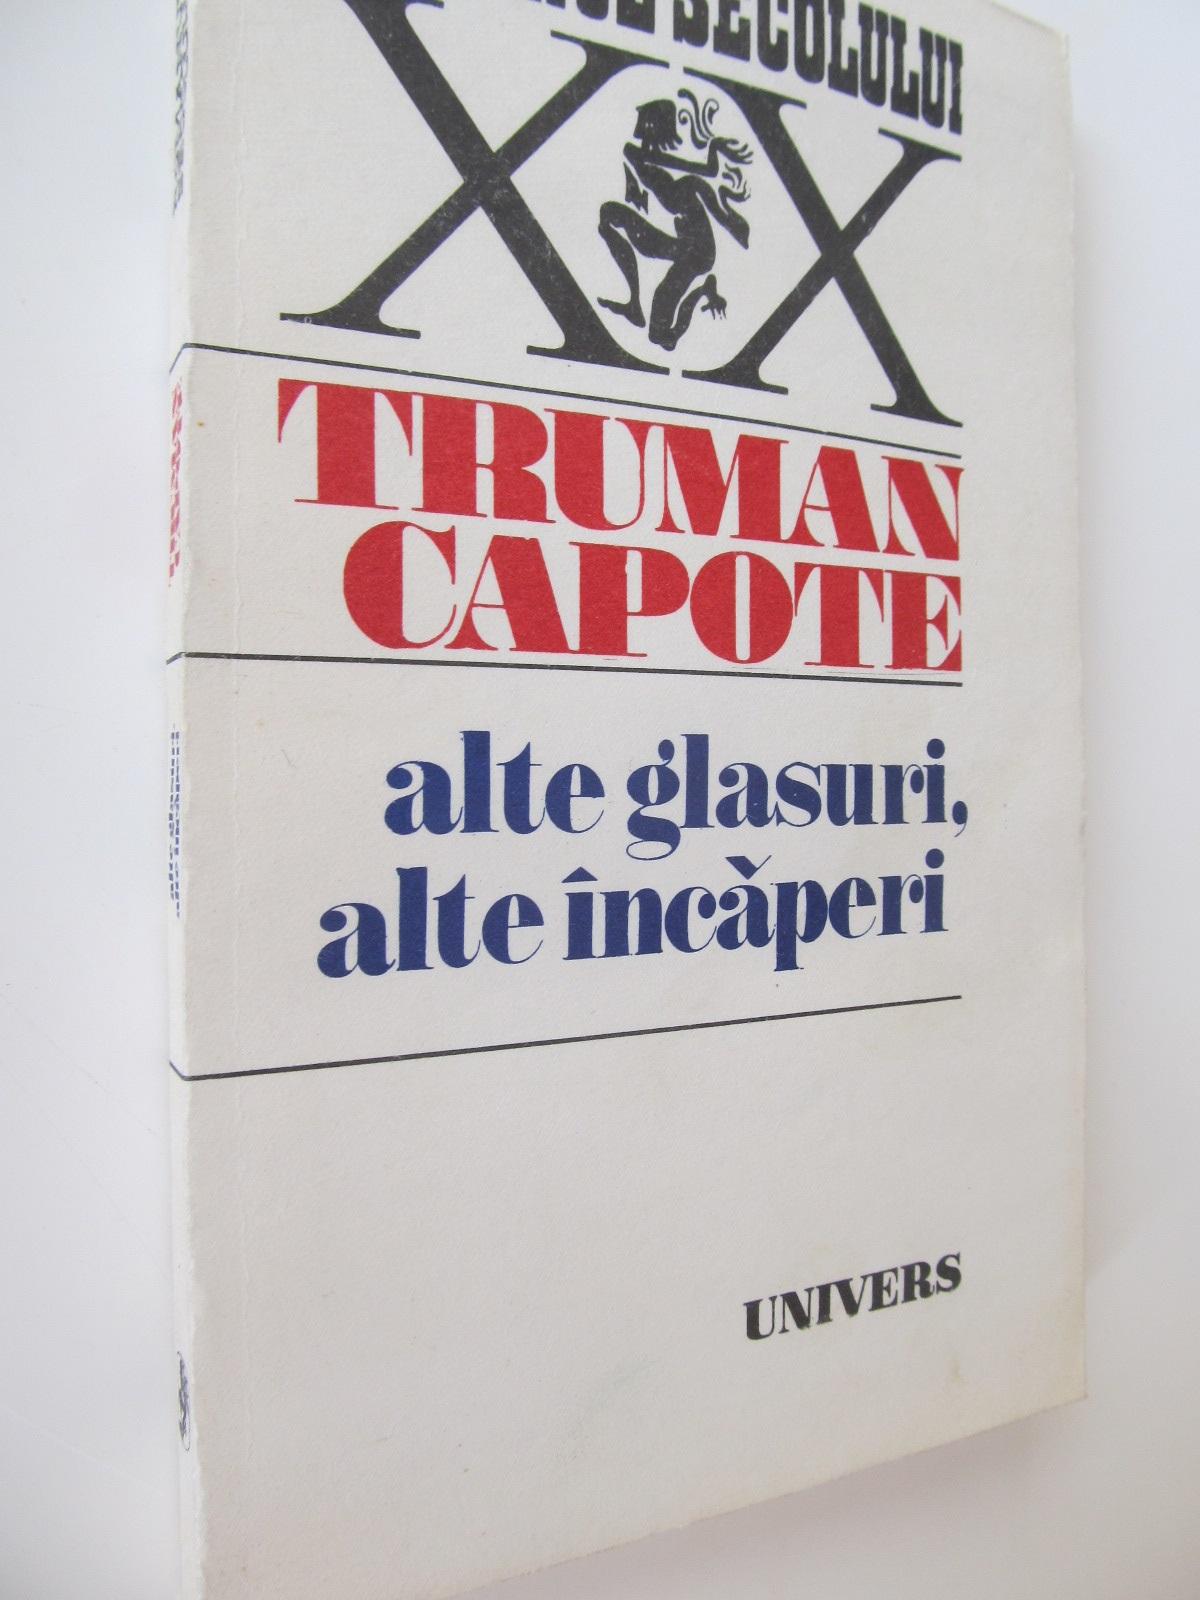 Alte glasuri alte incaperi - Truman Capote | Detalii carte